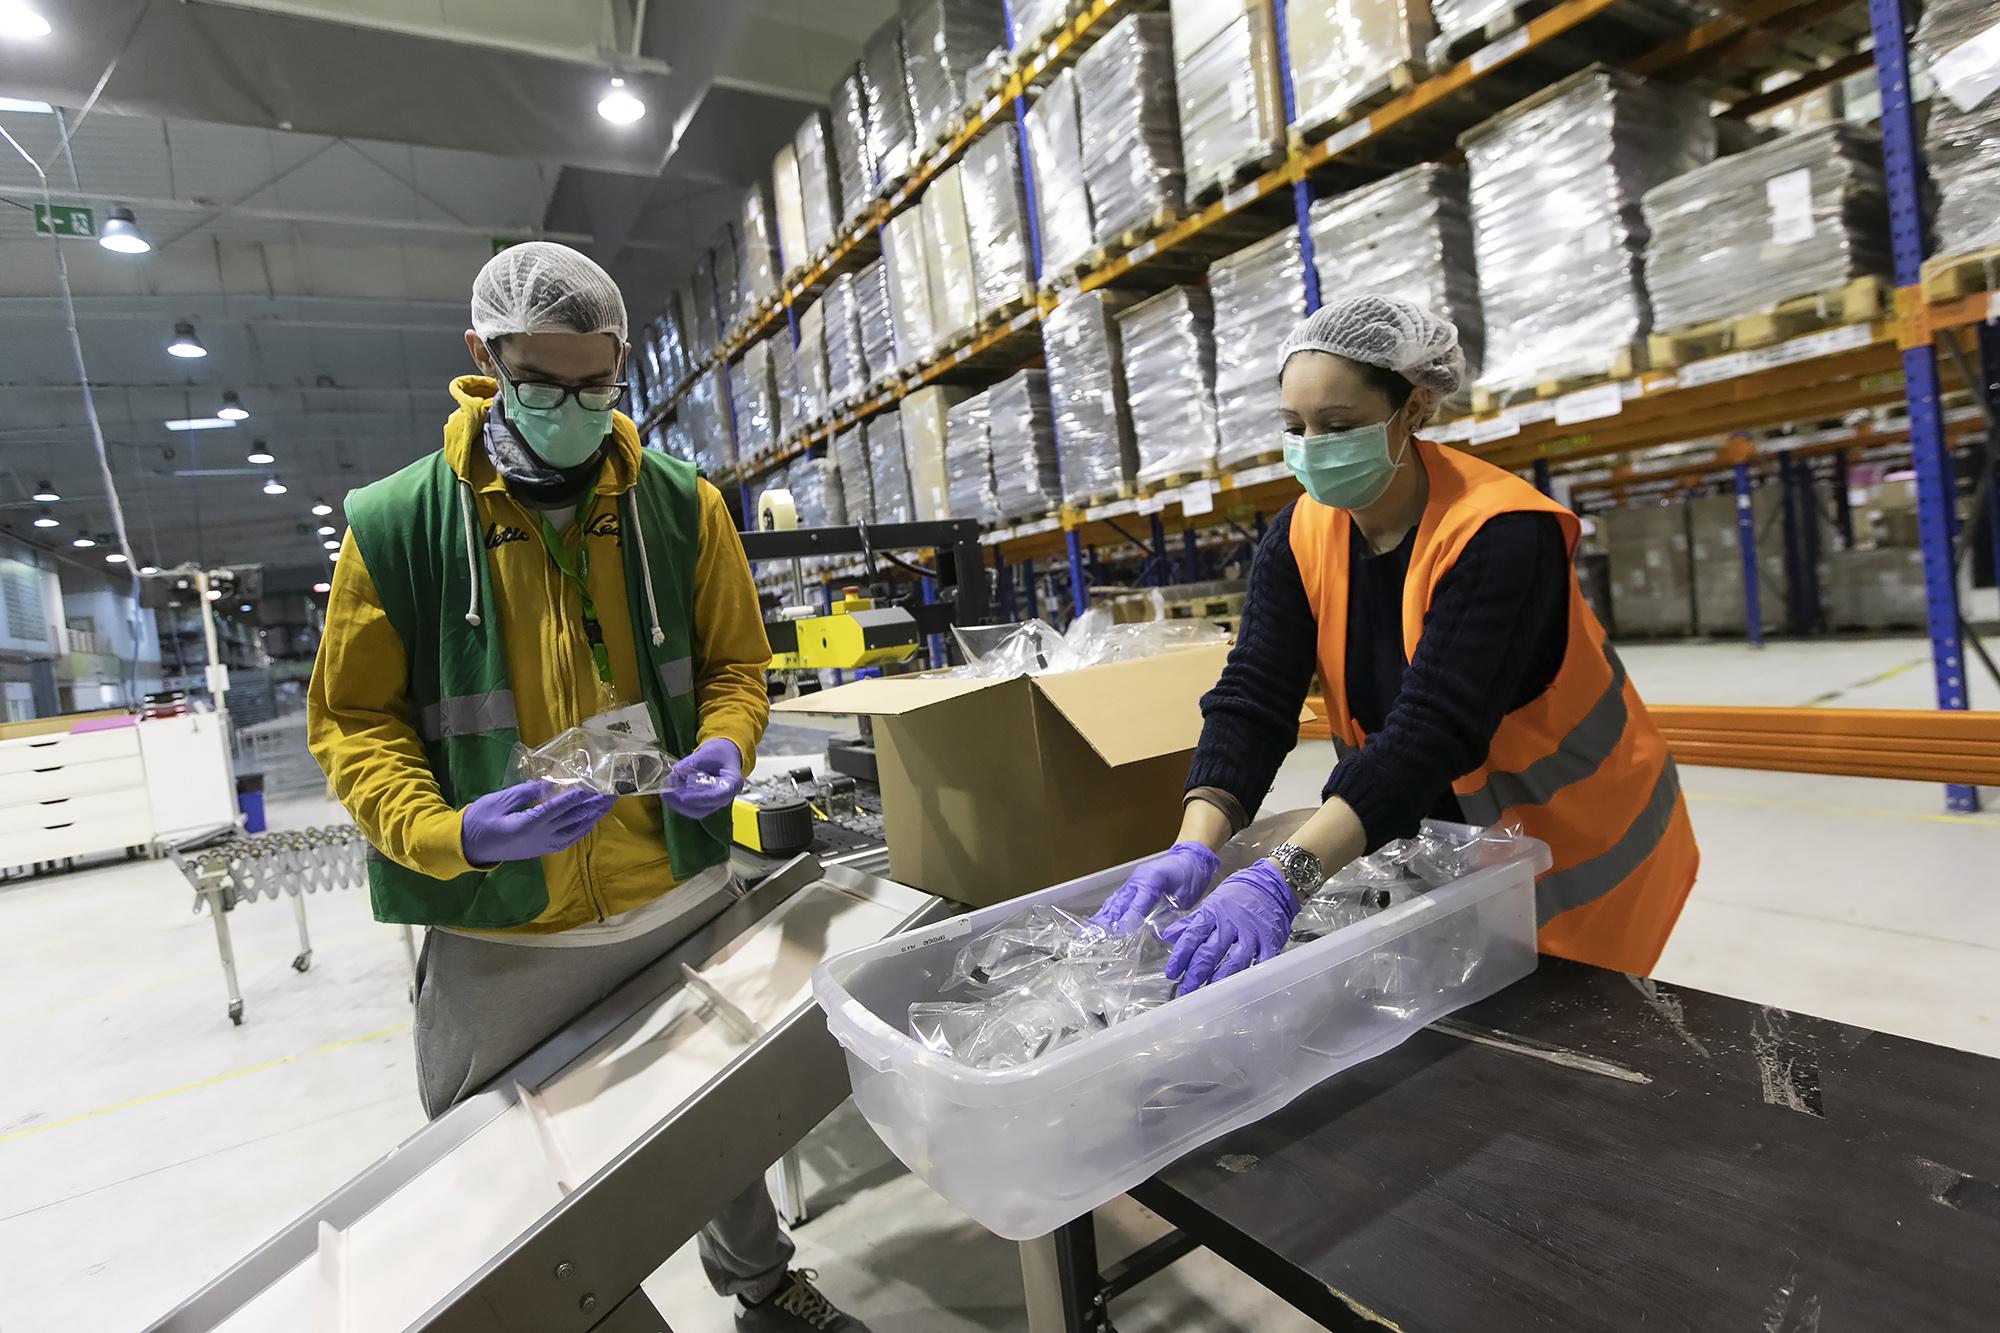 Science4You produz óculos de proteção durante a pandemia de Covid-19 - 06ABR20